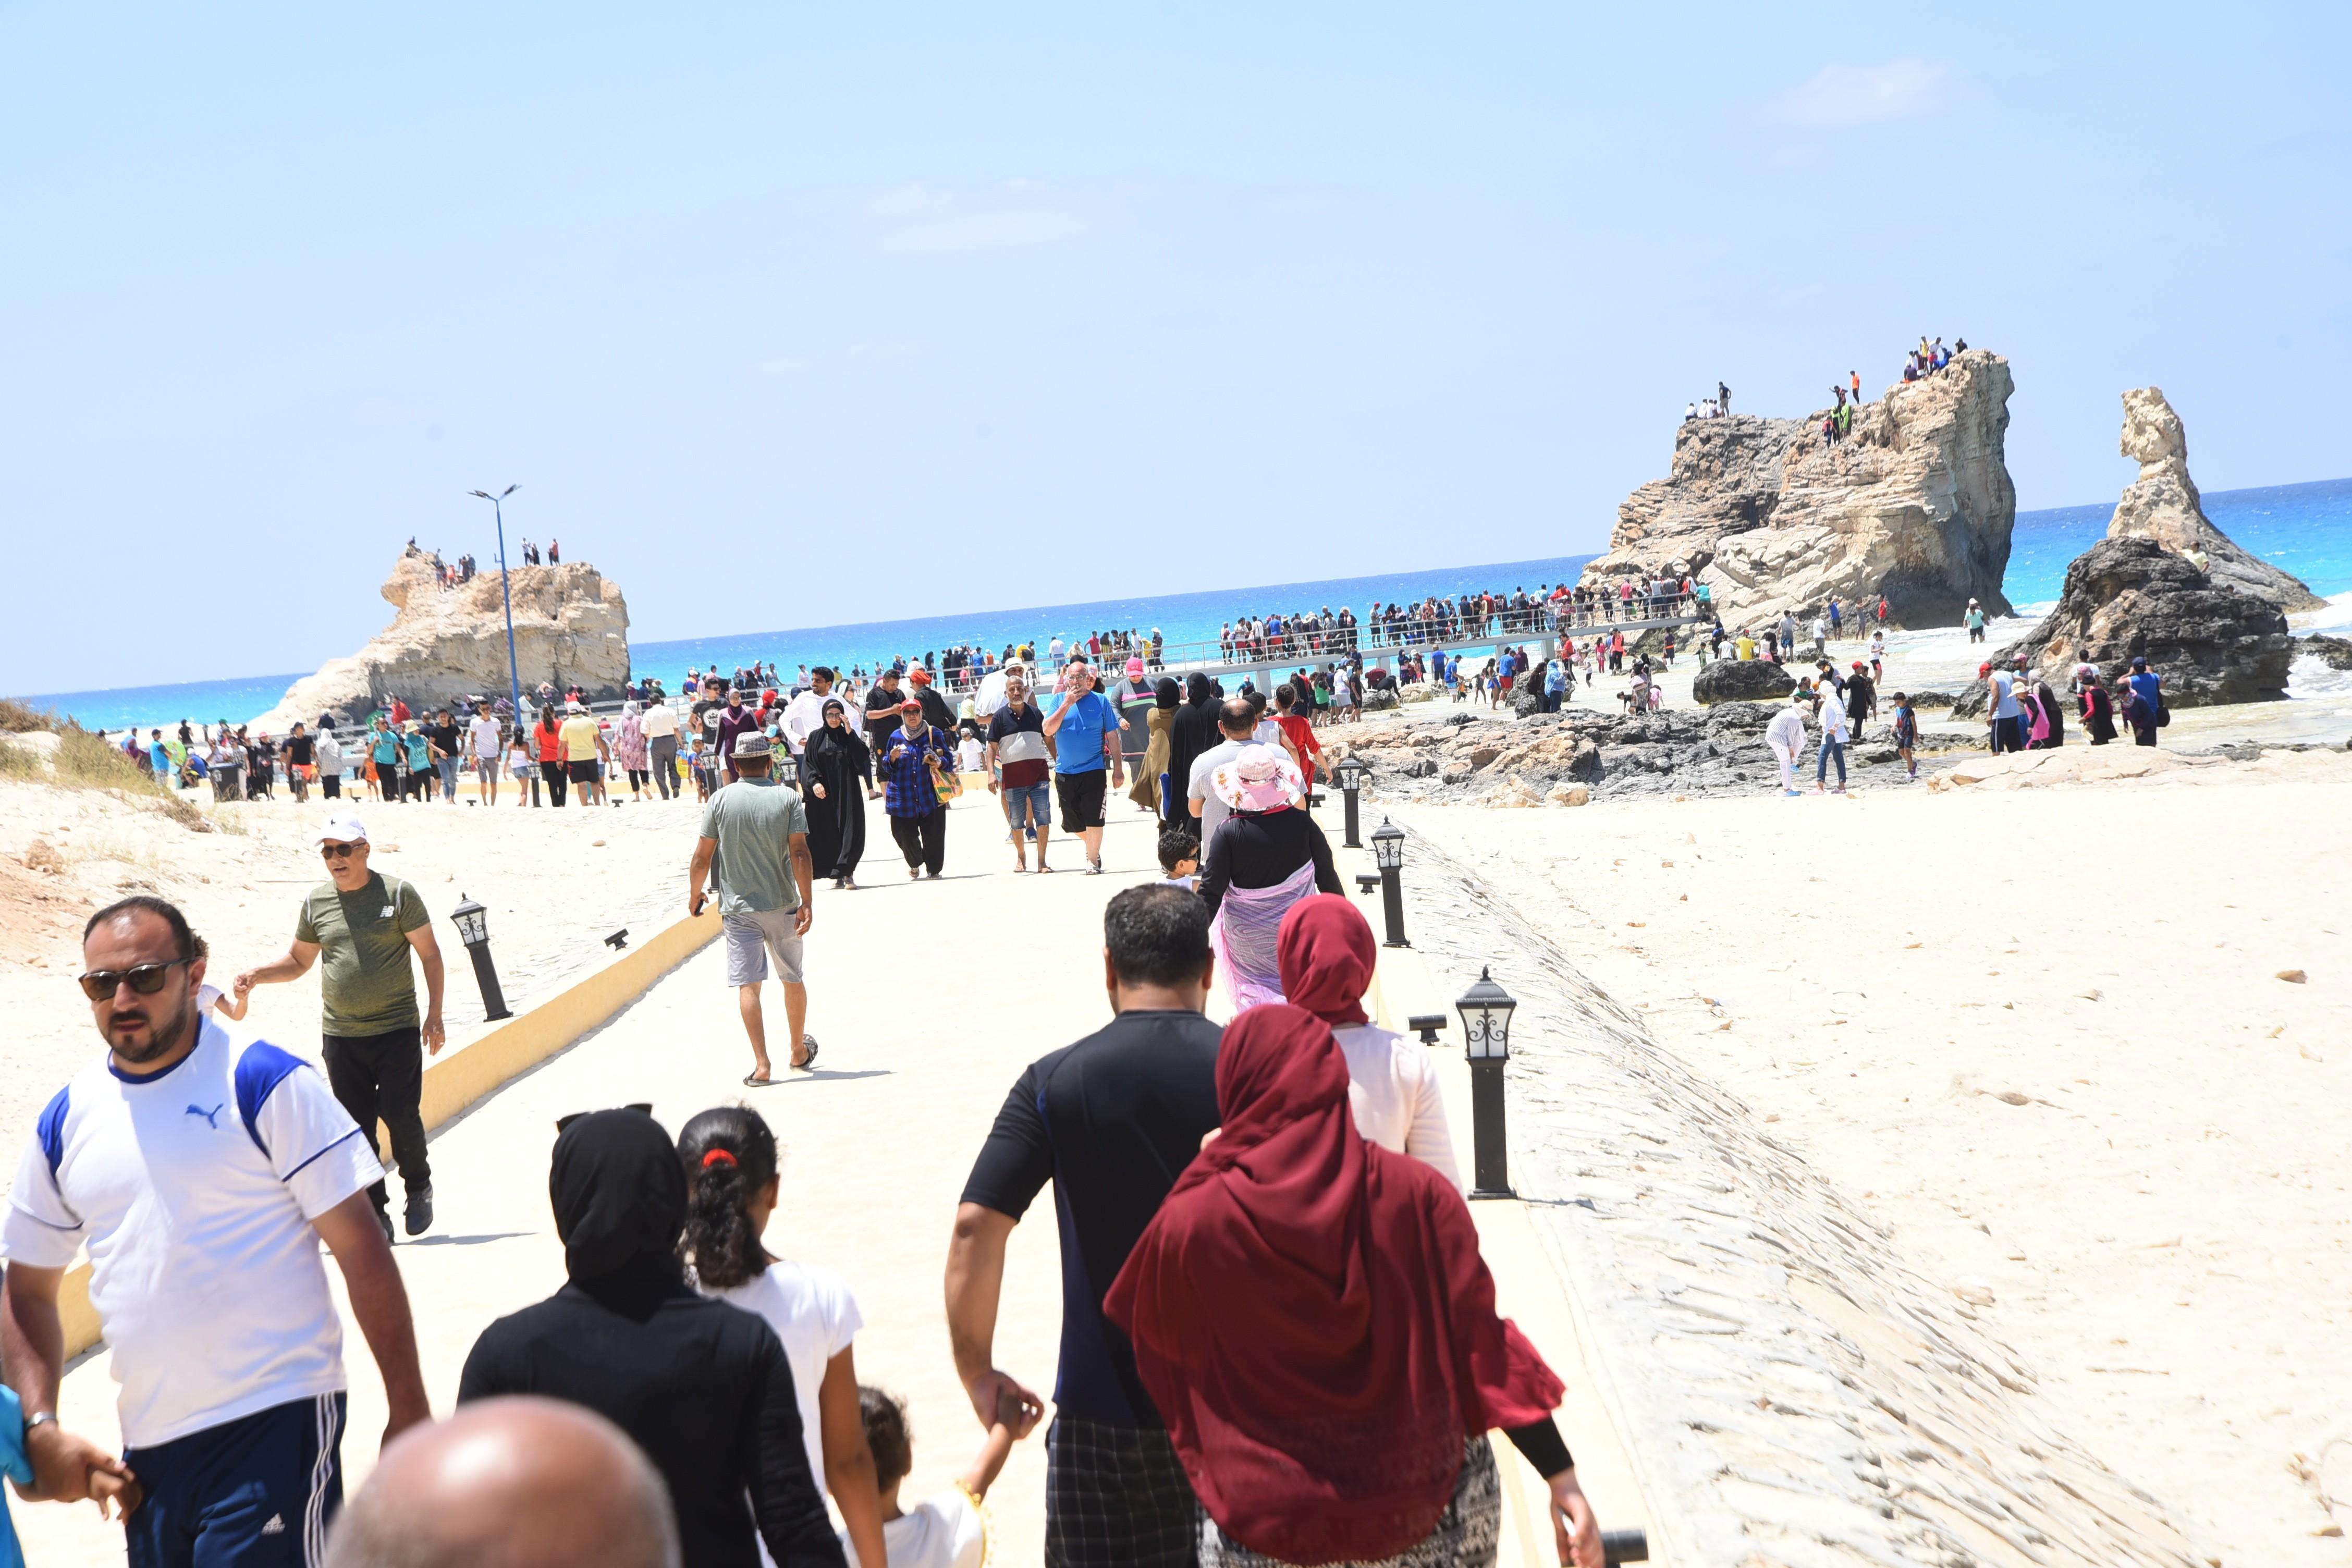 إقبال كبير من المصطافين على شواطئ مطروح (1)